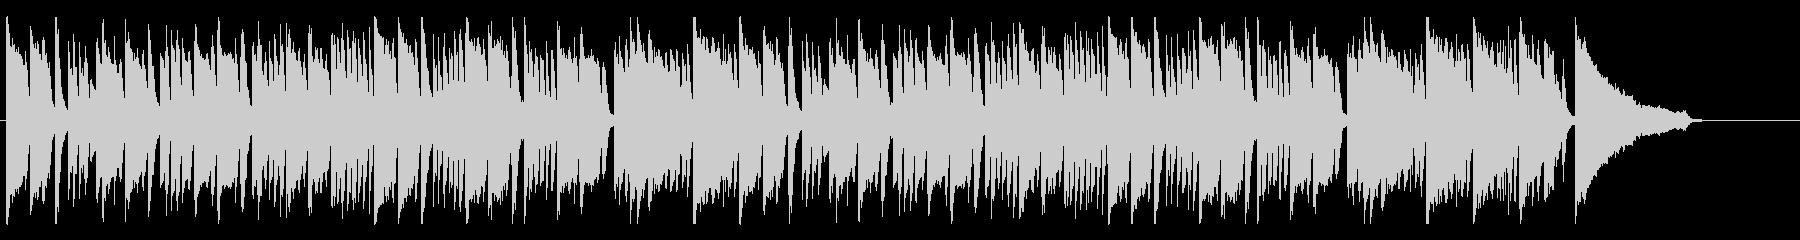 軽やかなピアノの協奏曲の未再生の波形